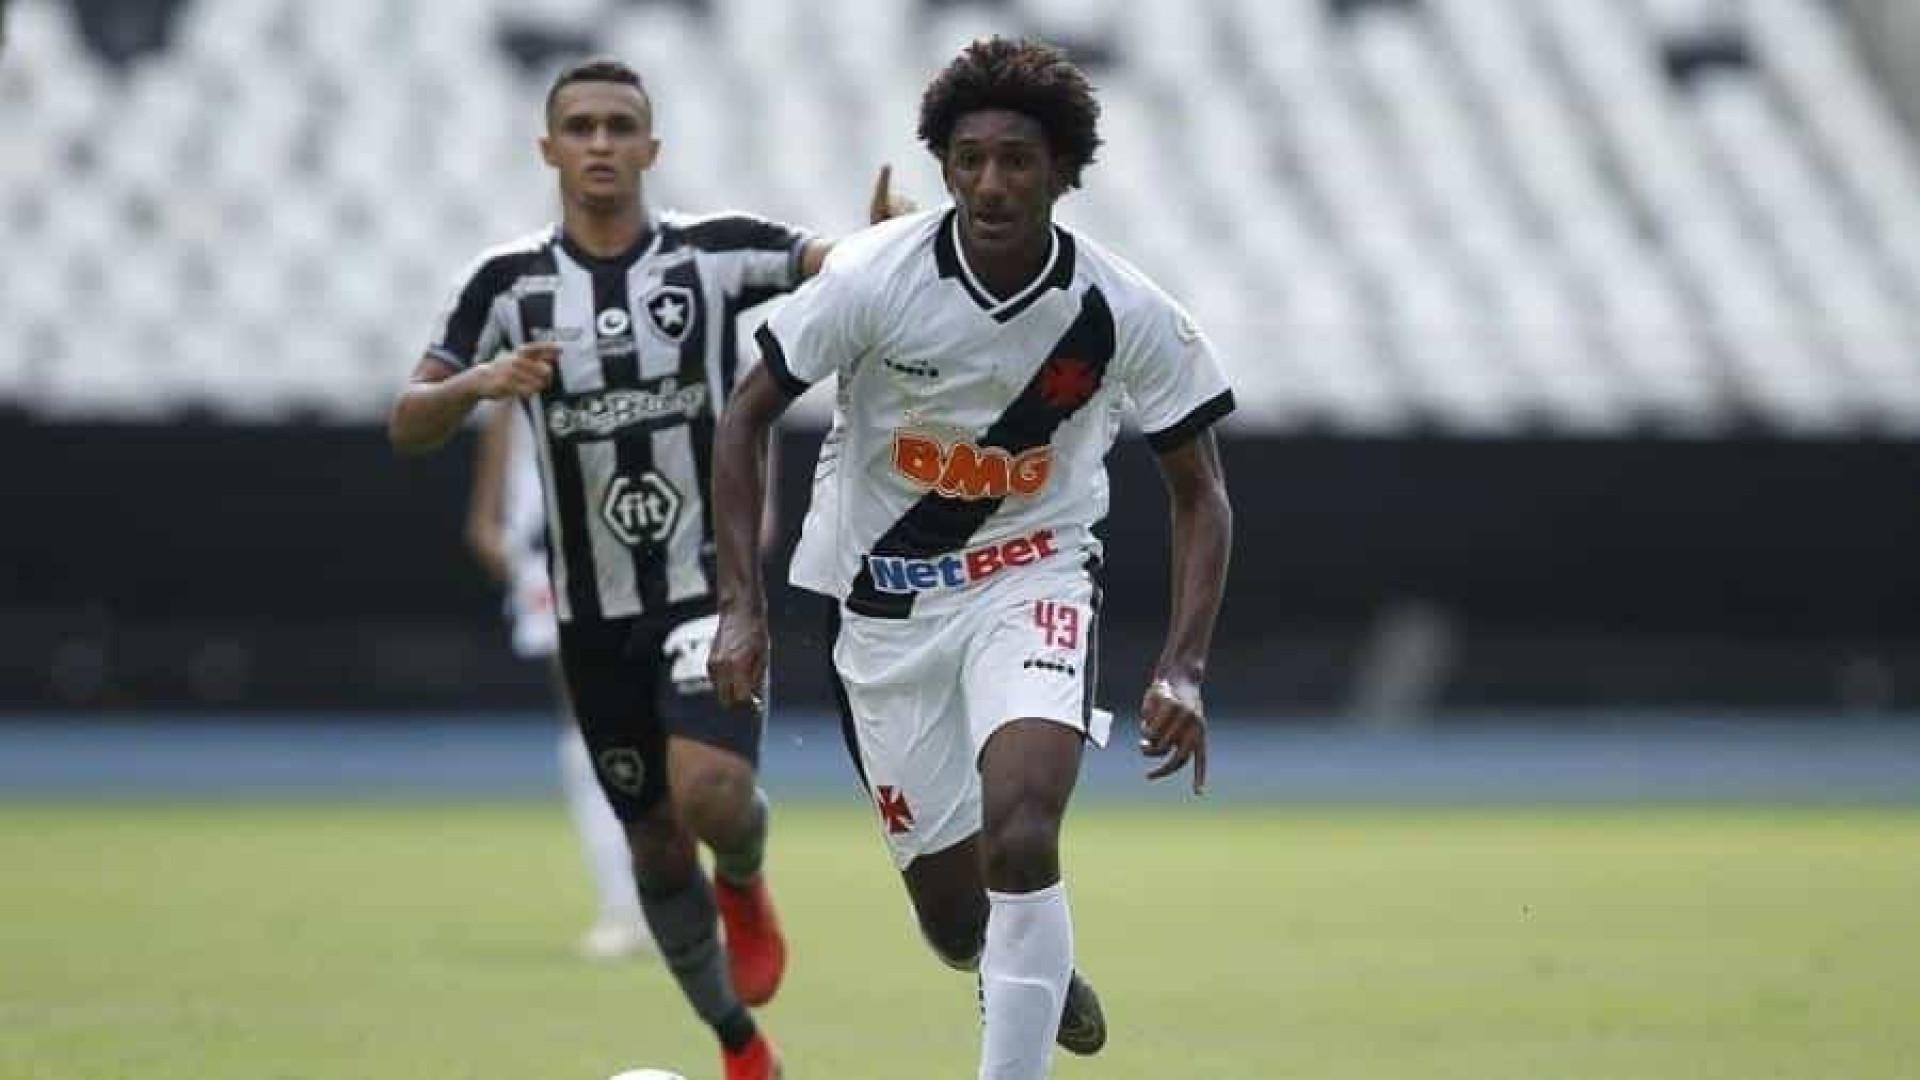 Promessa da seleção sub-17 vira xodó de Luxemburgo no Vasco